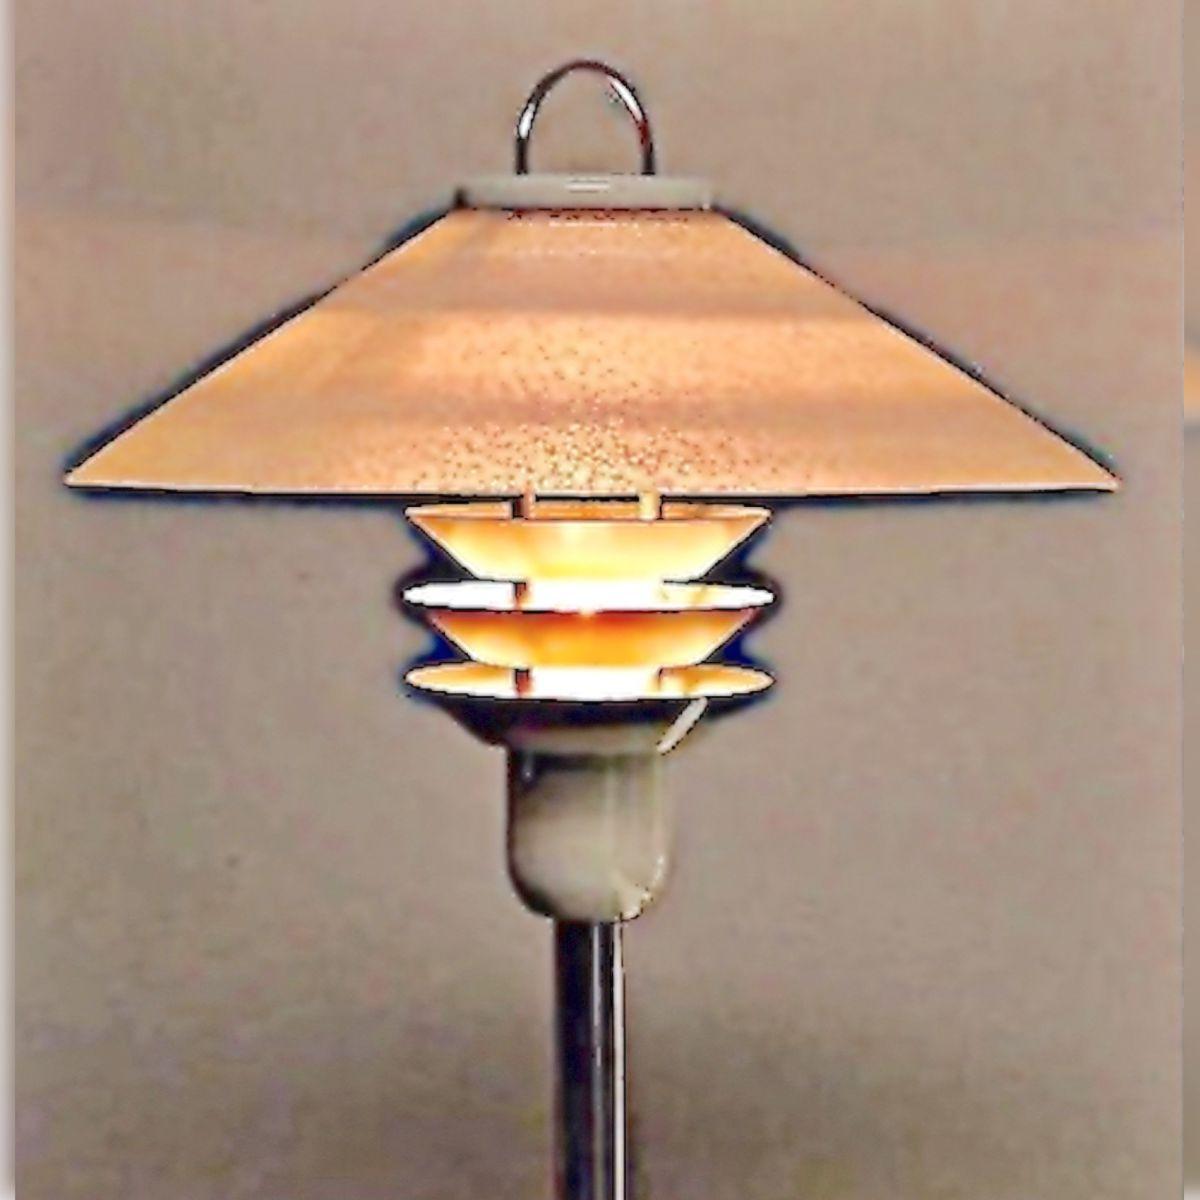 lampe sur pied design scandinave 1970 blanche luckyfind. Black Bedroom Furniture Sets. Home Design Ideas